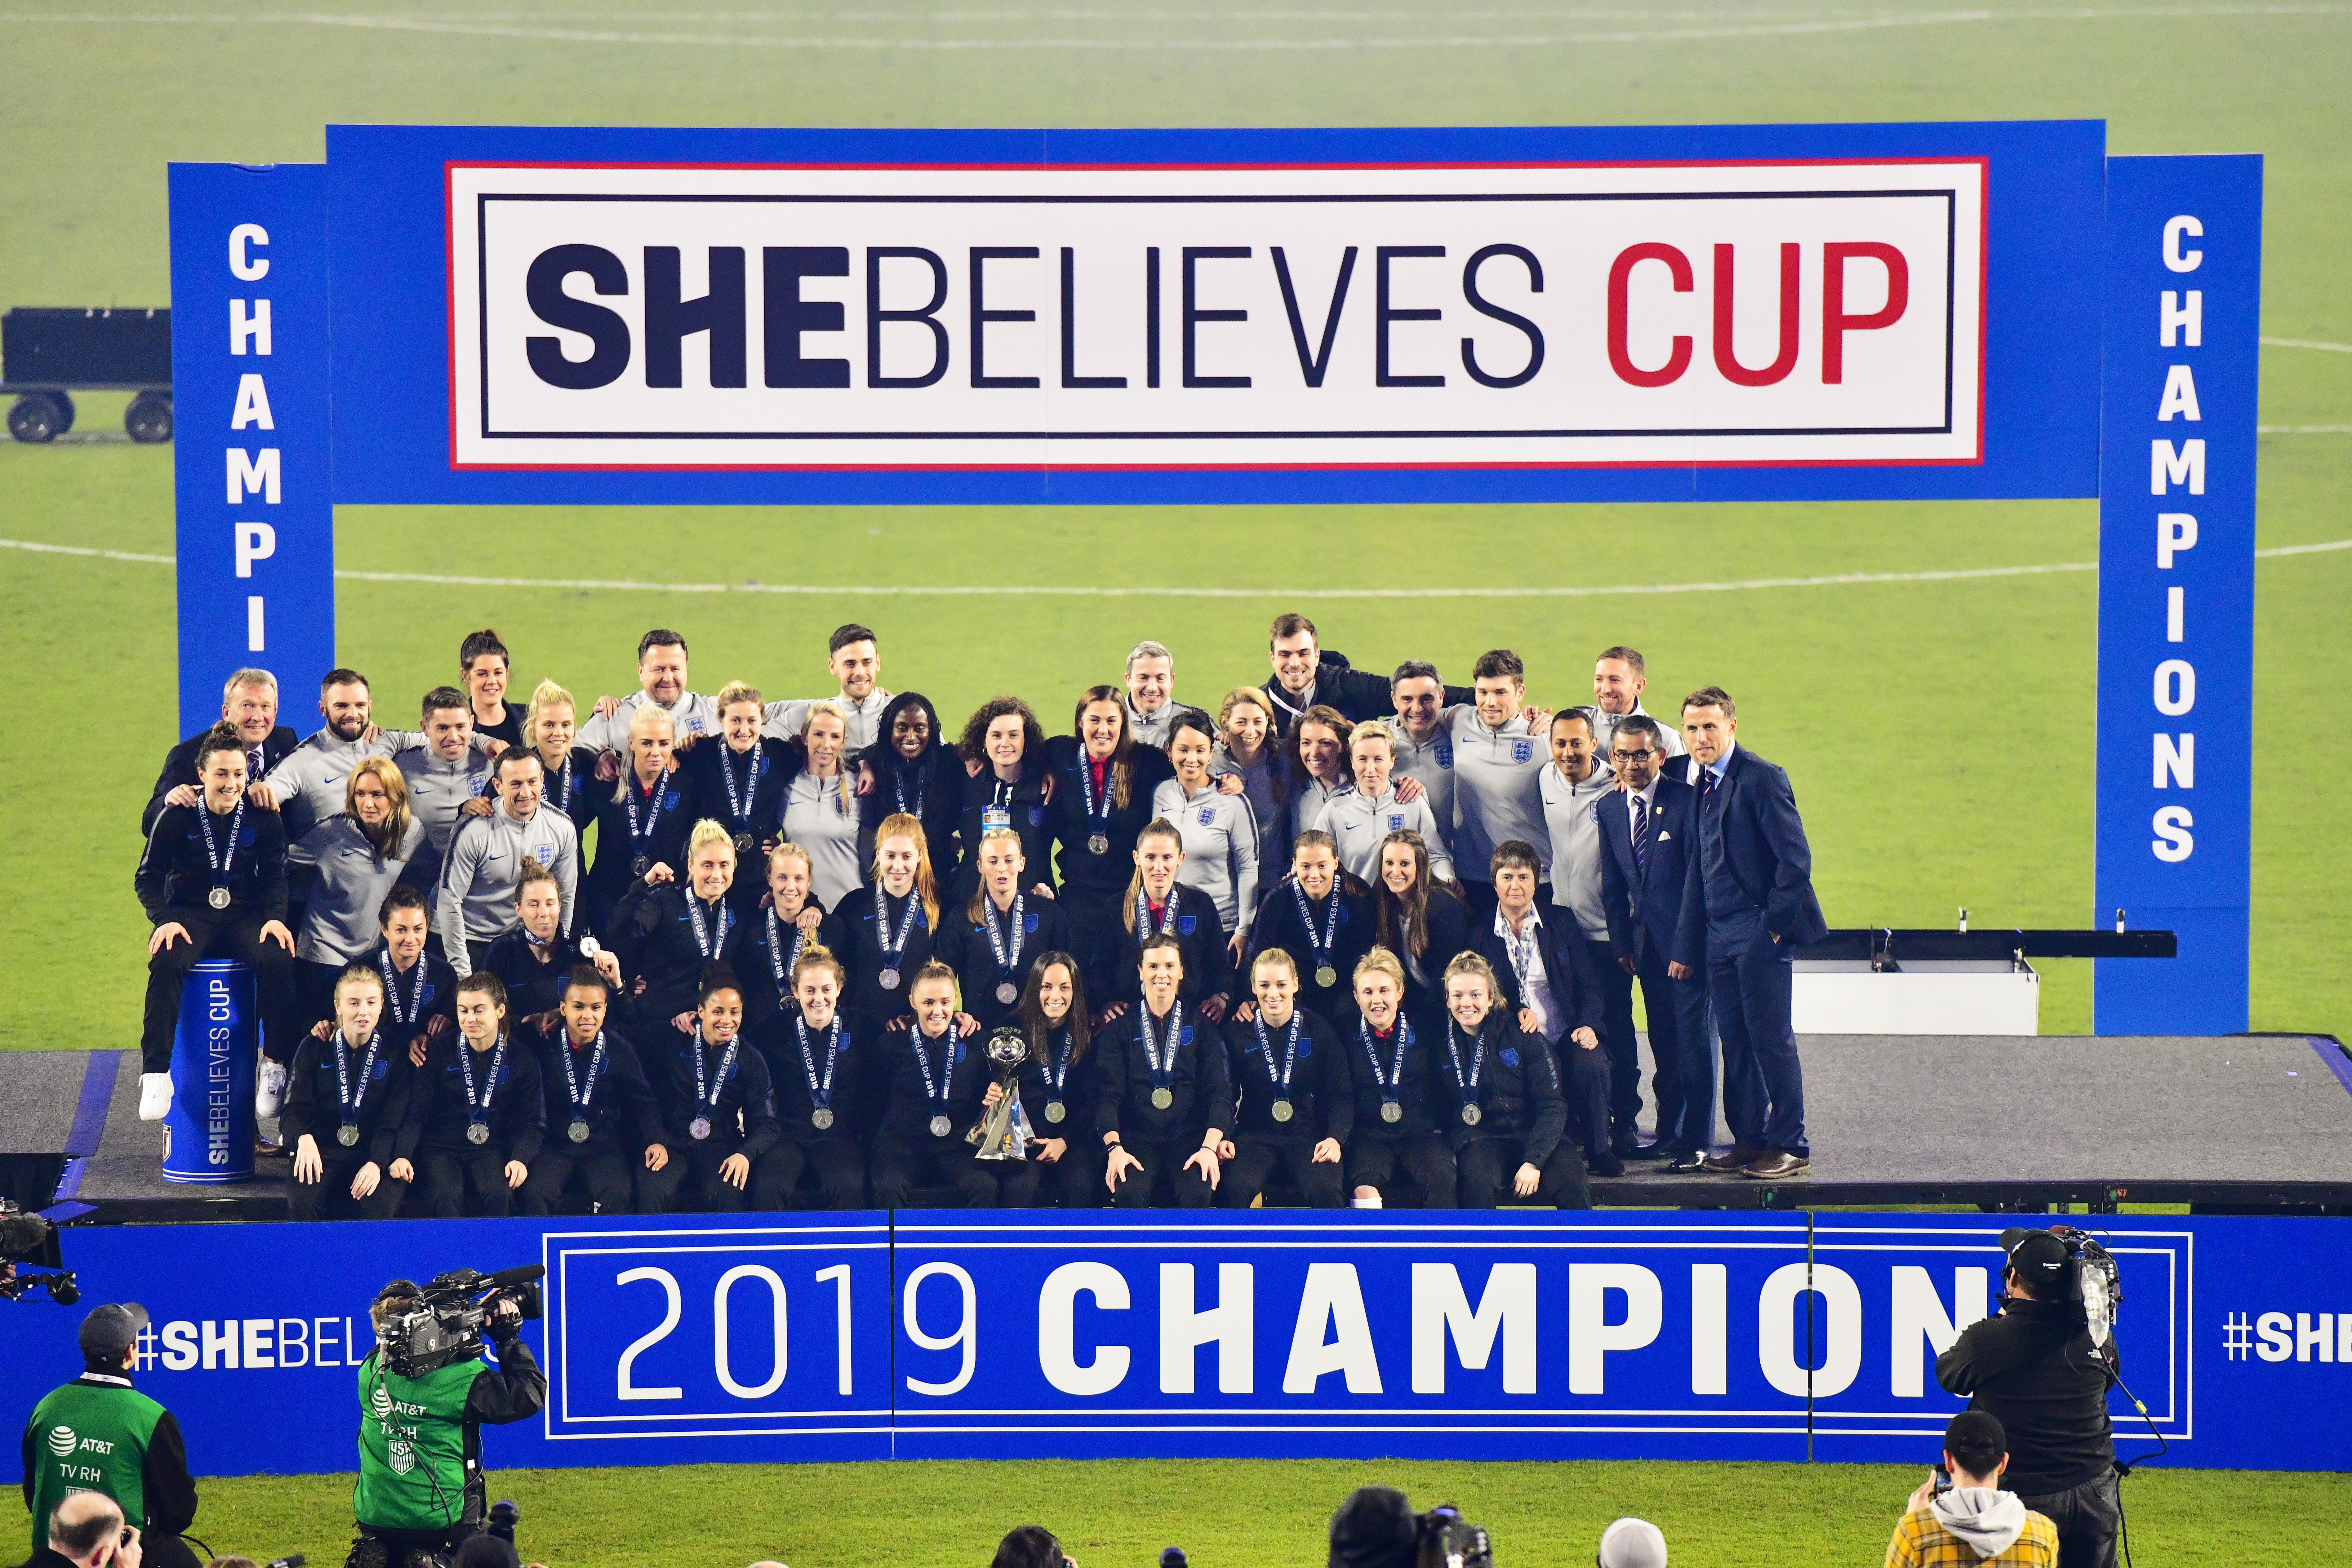 2019年,她相信世界杯——英格兰vs日本